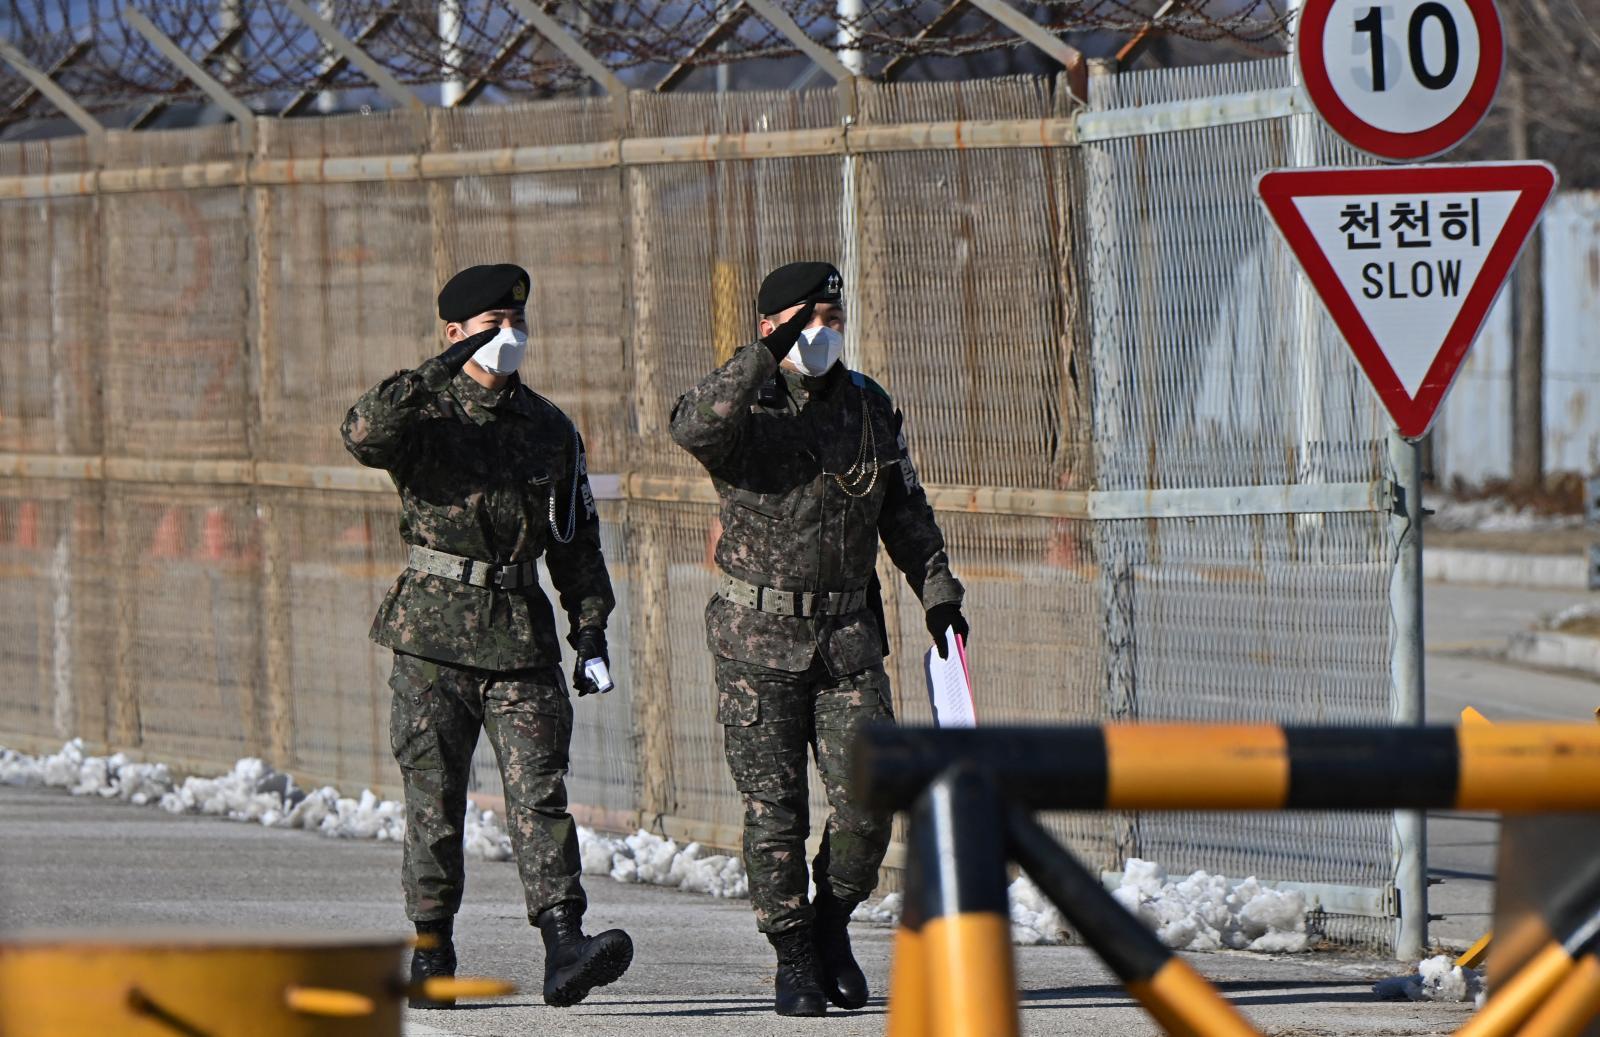 ชายเกาหลีเหนือแปรพักตร์รอดตรวจจับหลายชม.